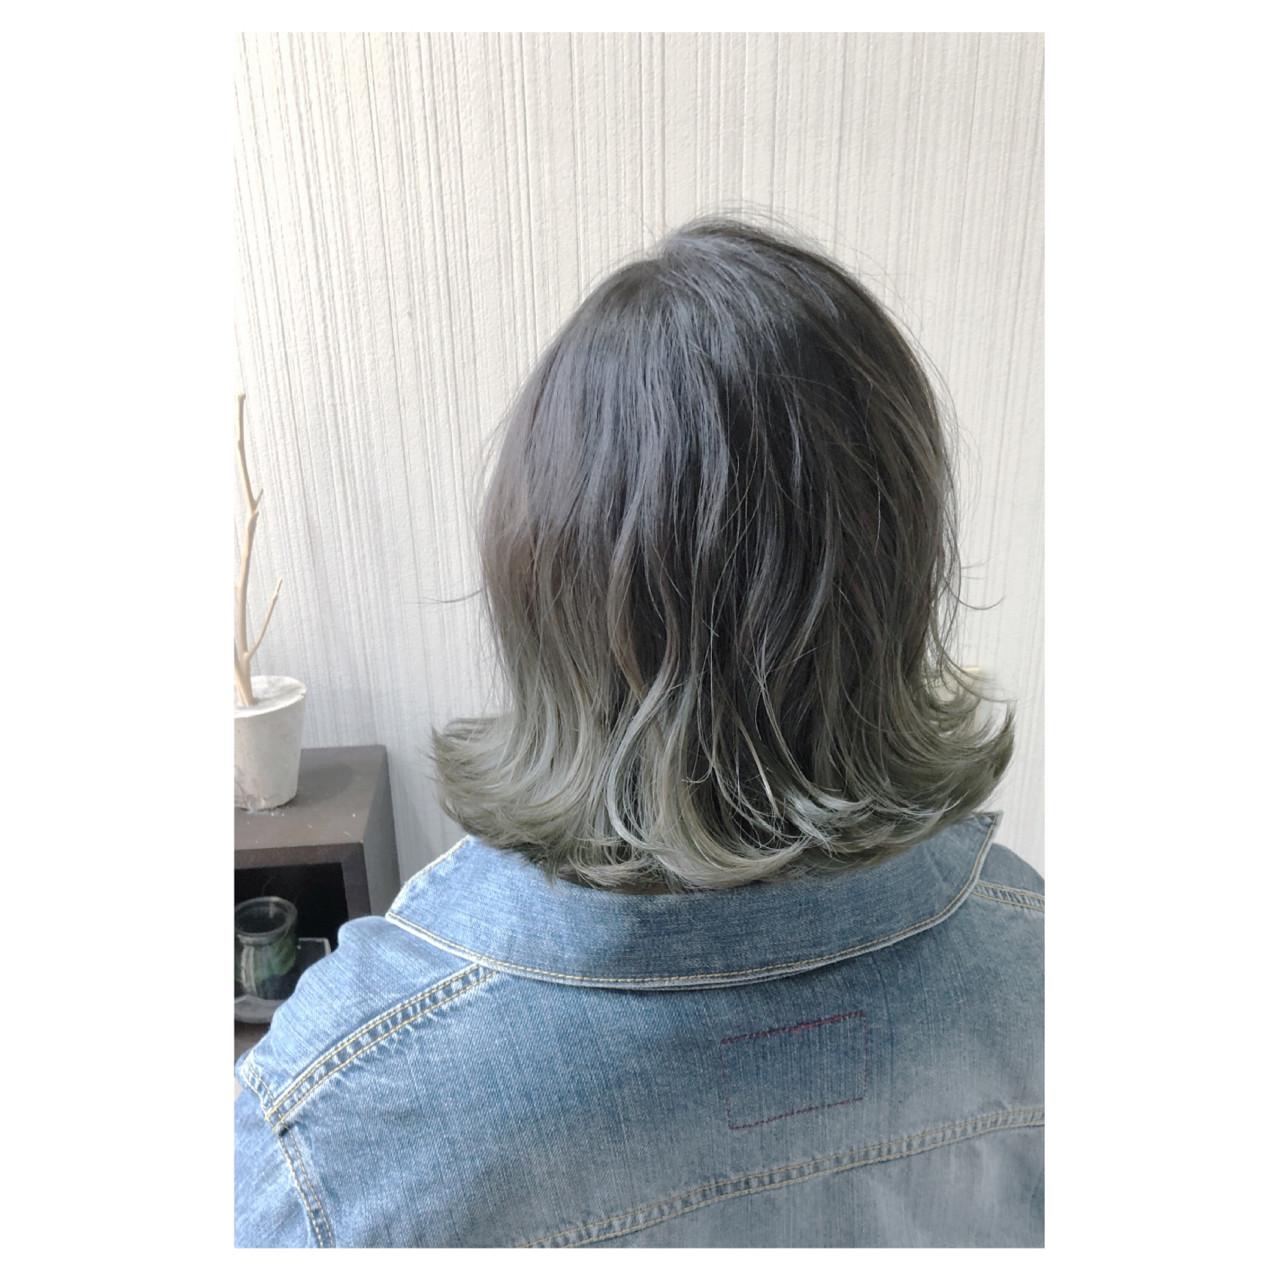 外国人風カラー 秋 外ハネ グレージュ ヘアスタイルや髪型の写真・画像